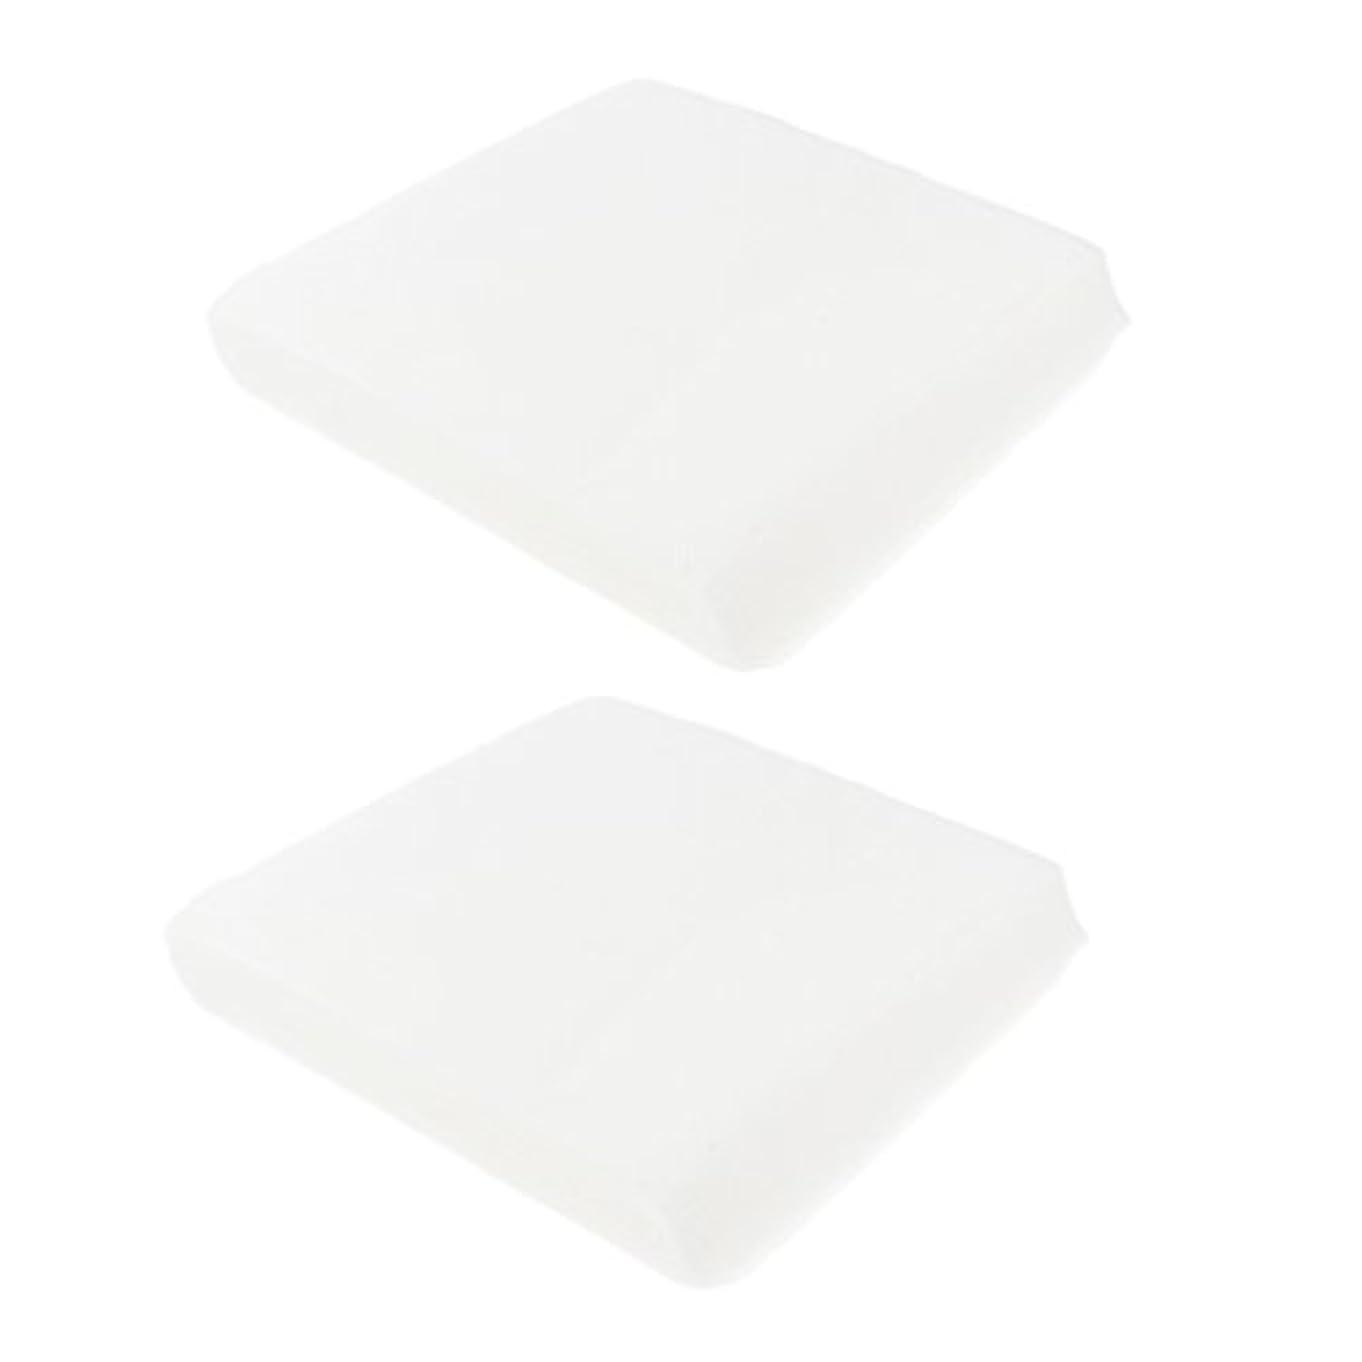 キャッチ勇者与える2パック 使い捨て ナプキン タオル ハンドタオル ローズ ゲストタオル ペーパー 2サイズ - 1#